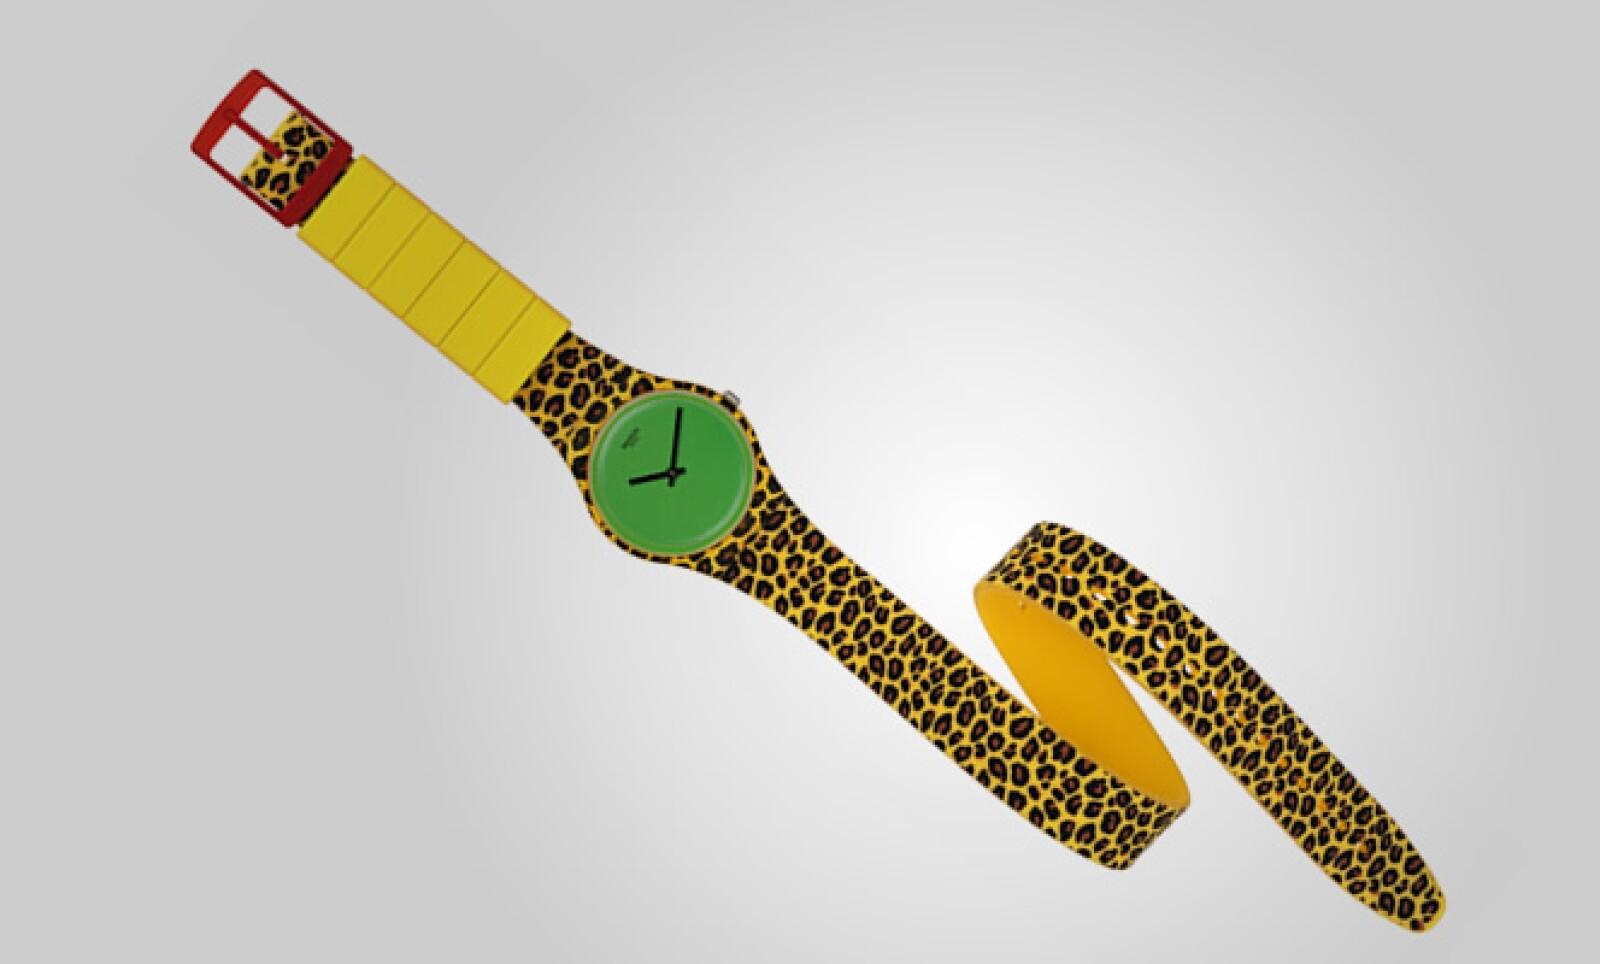 Sólo existen 777 ediciones de cada uno de estos relojes y cada pieza numerada en el parte posterior de la carátula.